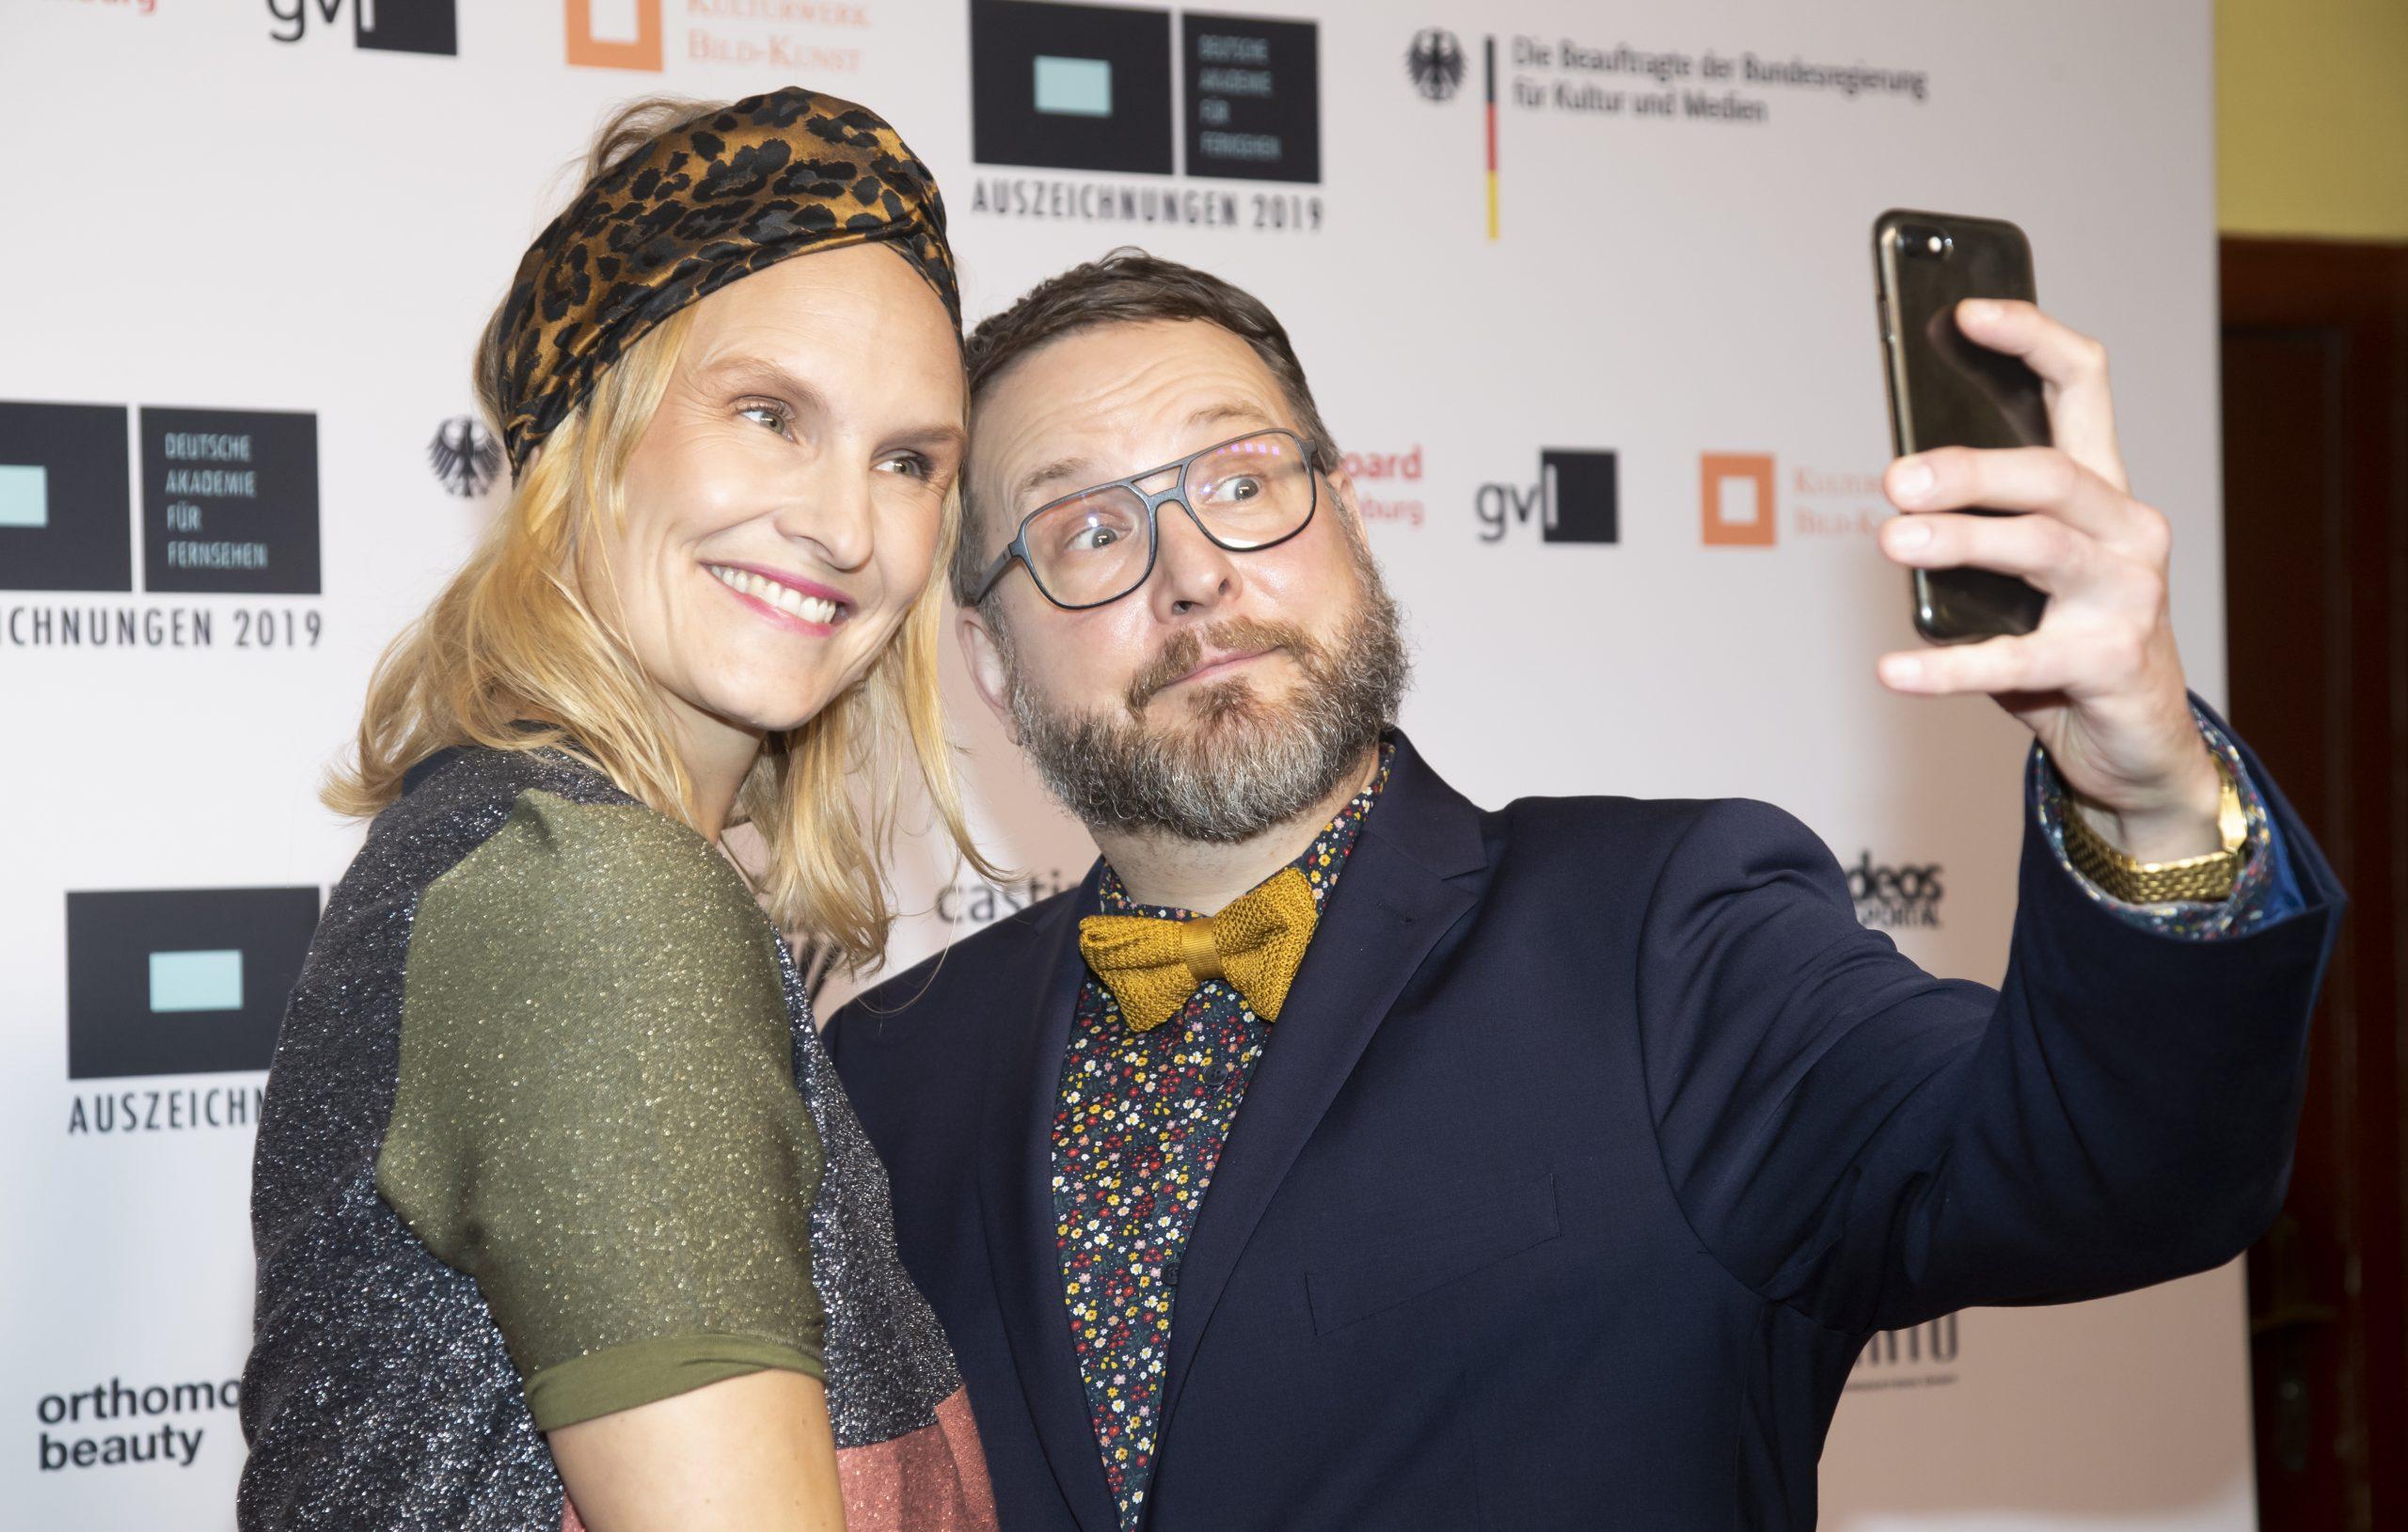 wir sehen die Nominierten vor der Pressewand während der Auszeichnung 2019